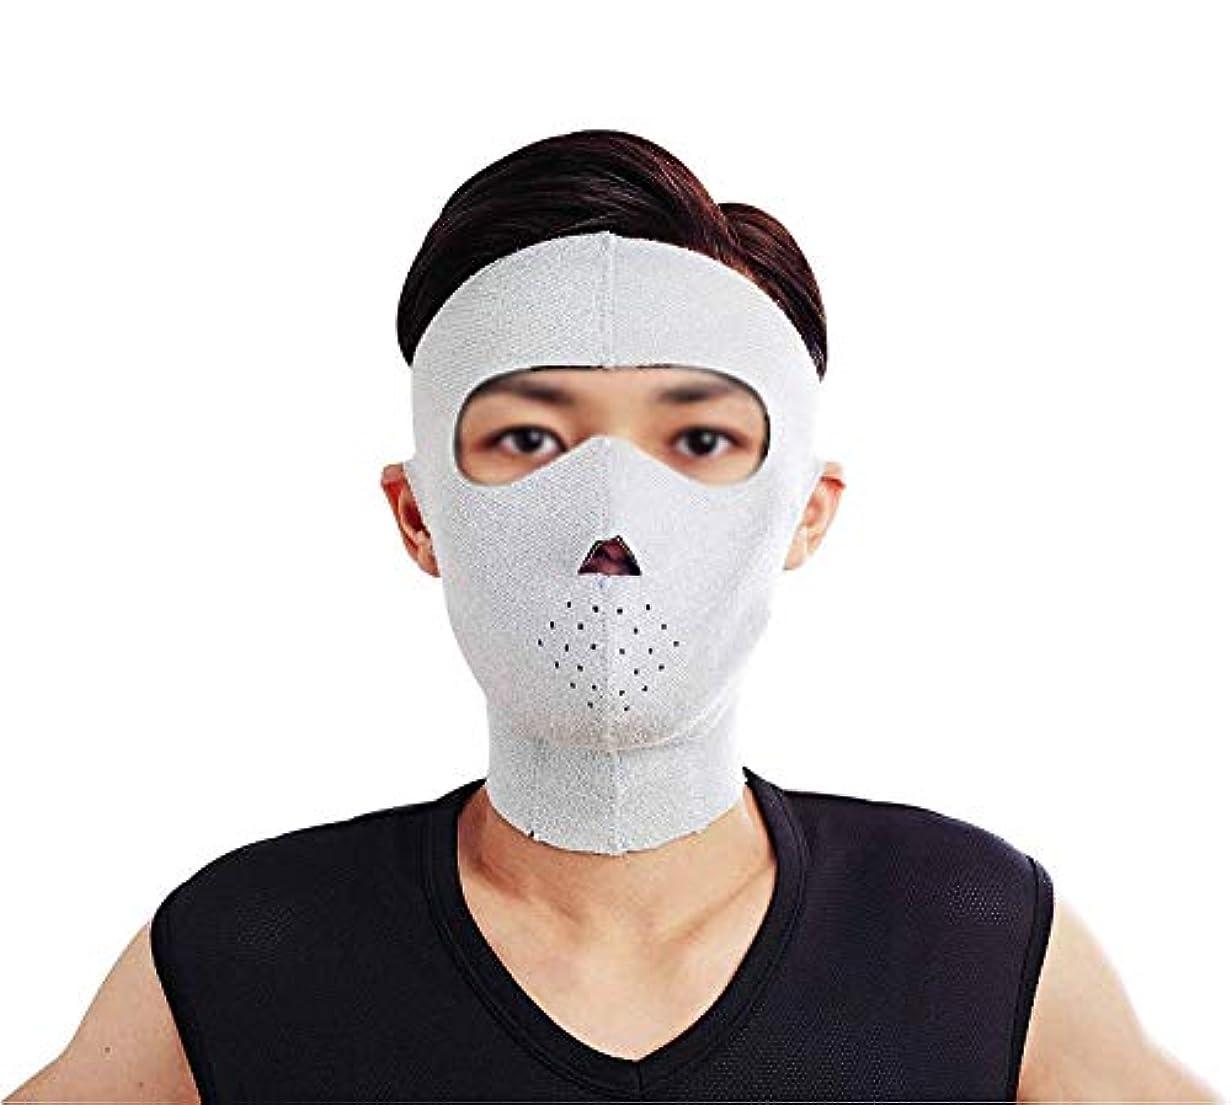 法的シネマ冷えるフェイスリフトマスク、フェイシャルマスクプラス薄いフェイスマスクタイトなたるみの薄いフェイスマスクフェイシャル薄いフェイスマスクアーティファクトビューティー男性ネックストラップ付き